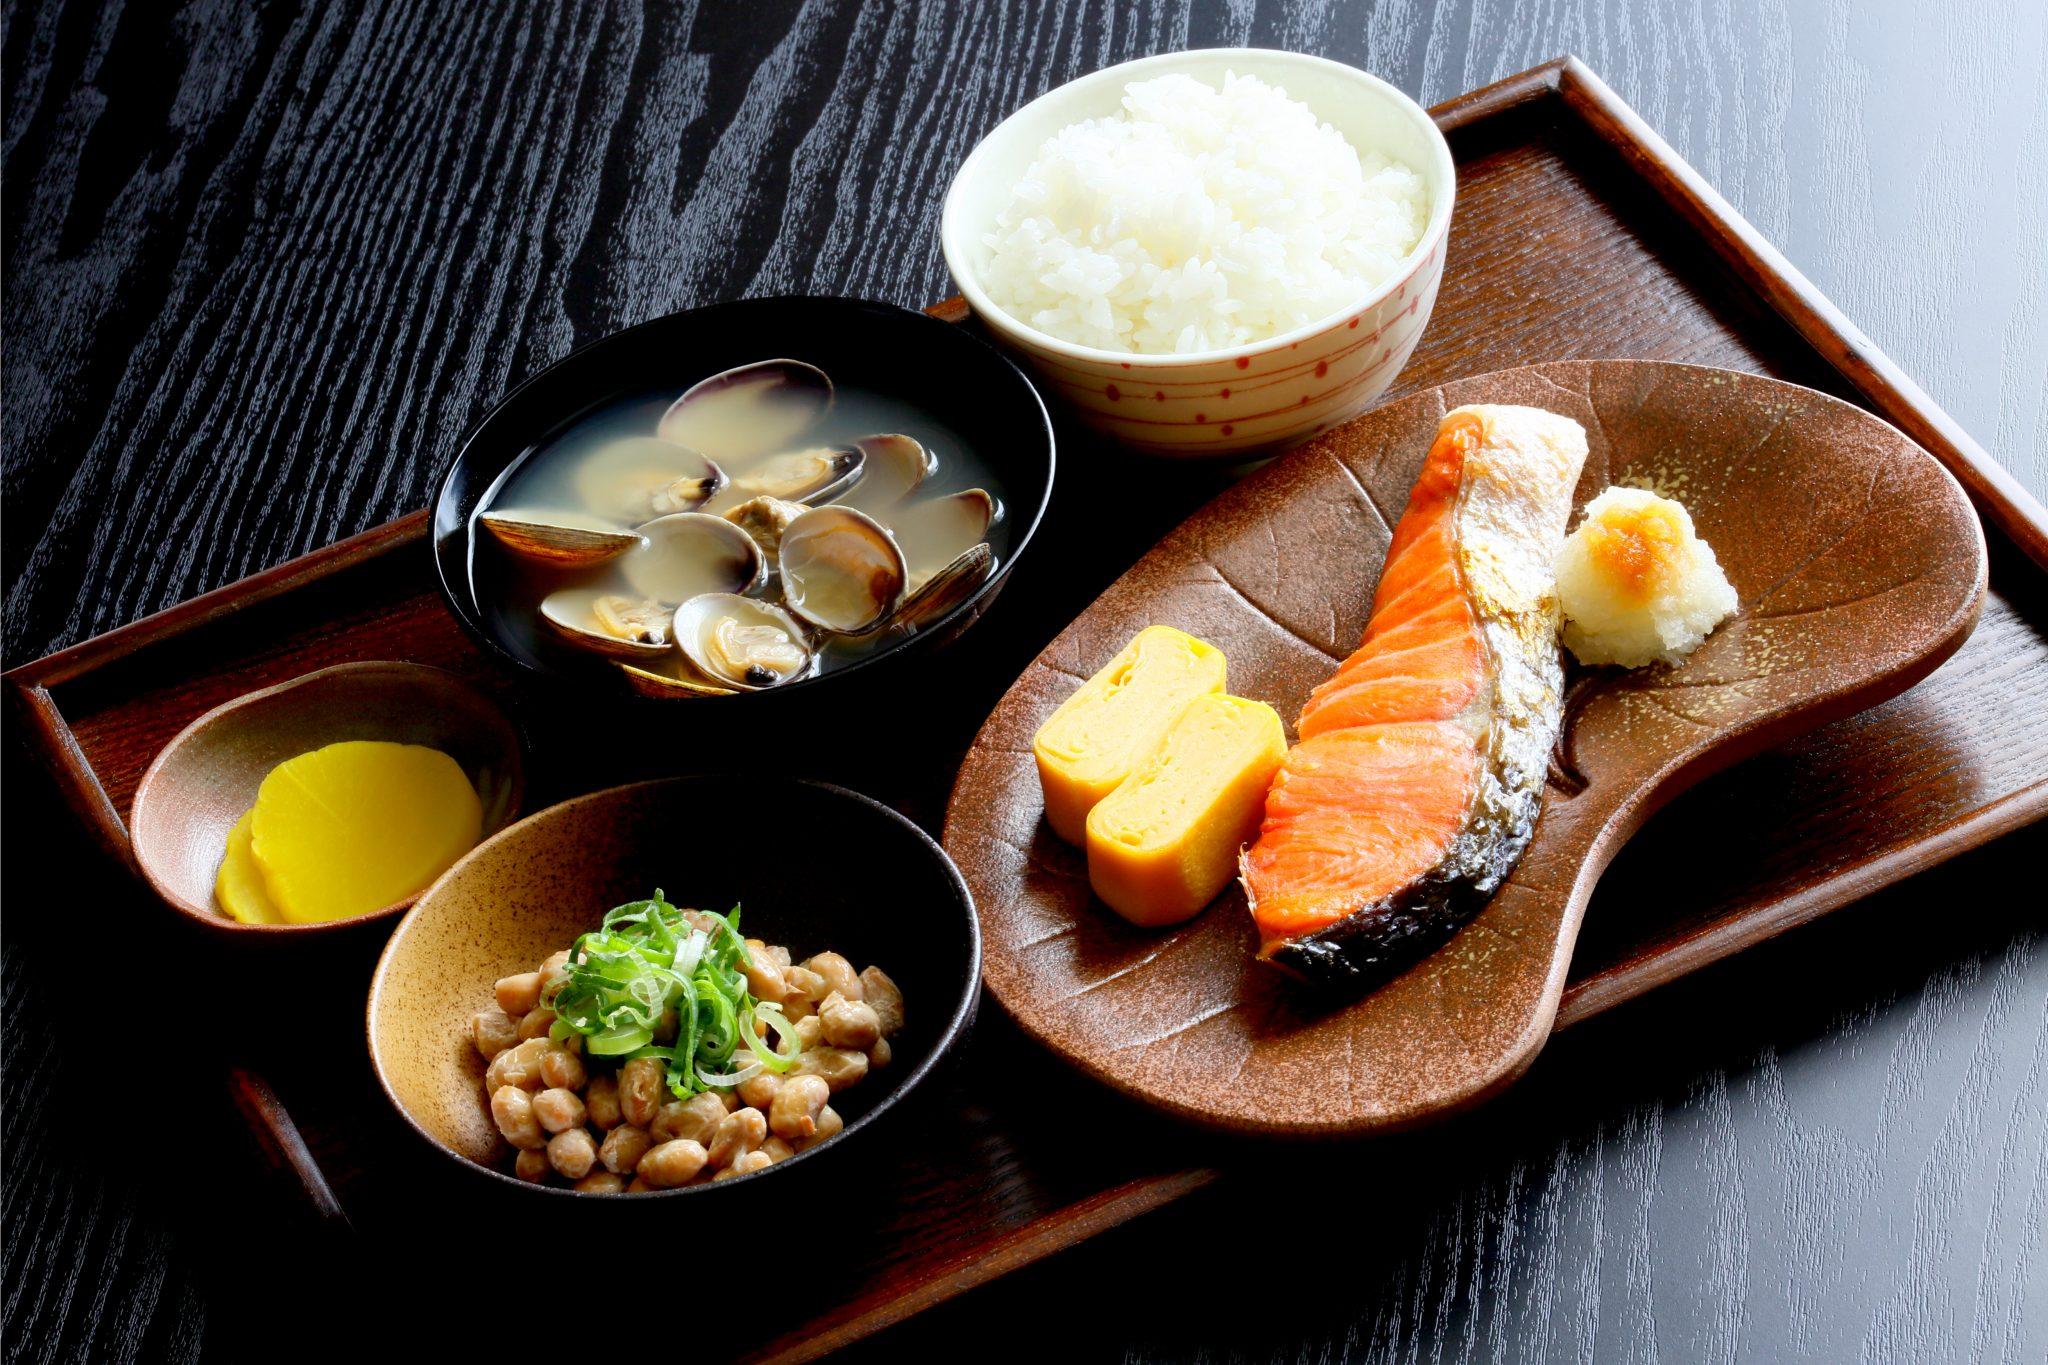 日本の旅館で出るような朝食